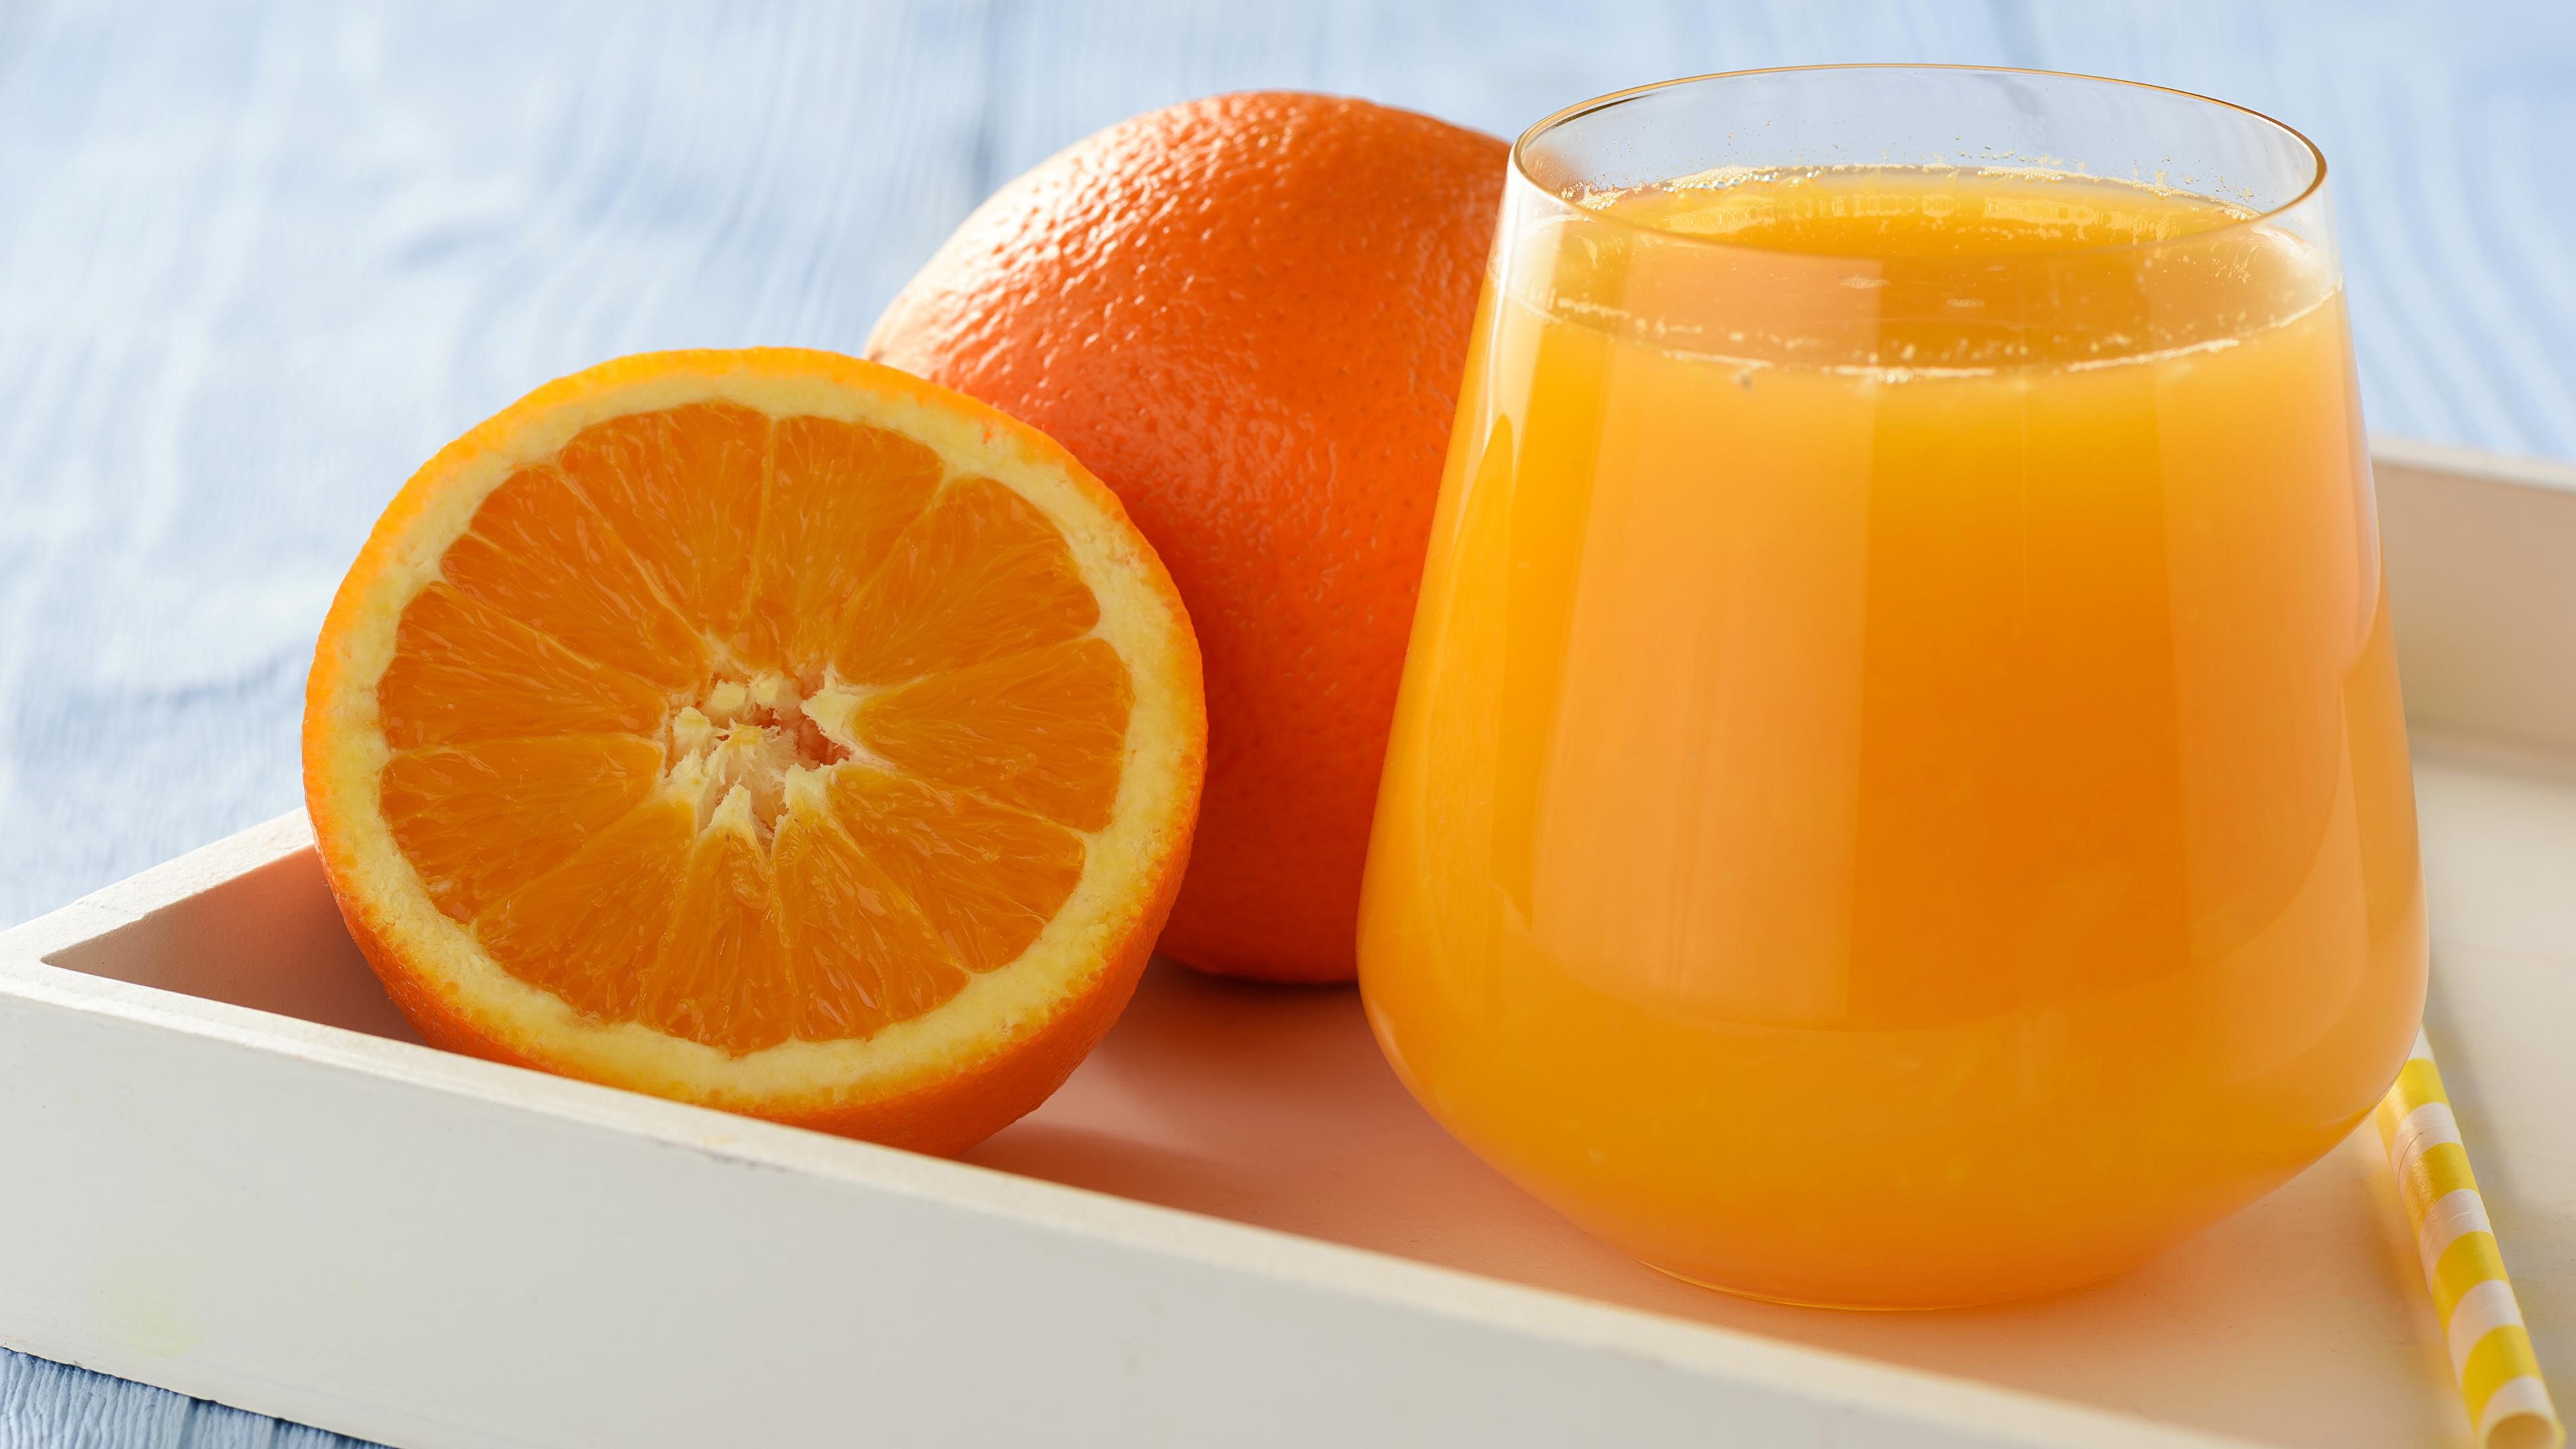 Фото Сок Апельсин стакане Пища 3840x2160 Стакан стакана Еда Продукты питания